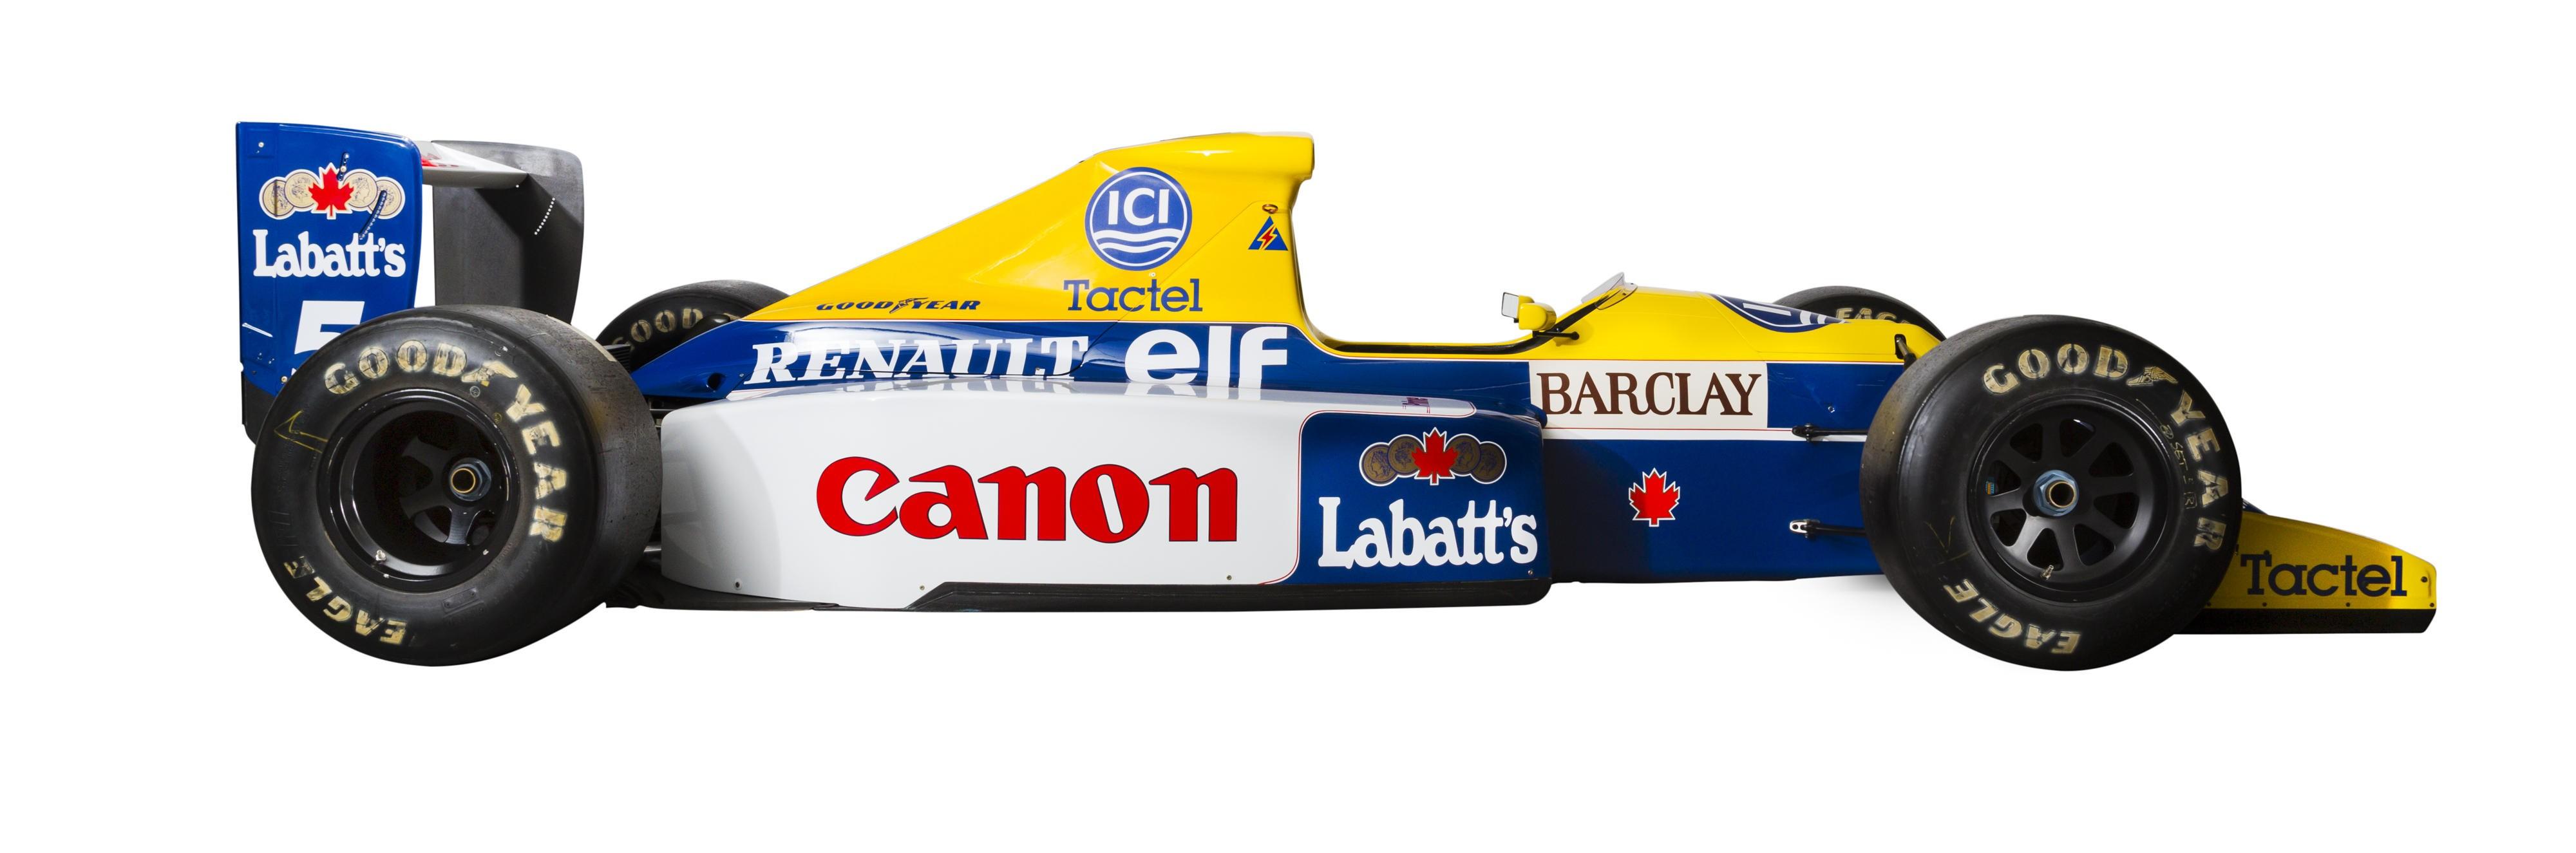 Williams da década de 1990, apresentando a evolução das regras e regulamentos da Formula 1 - foto by Autoevolution